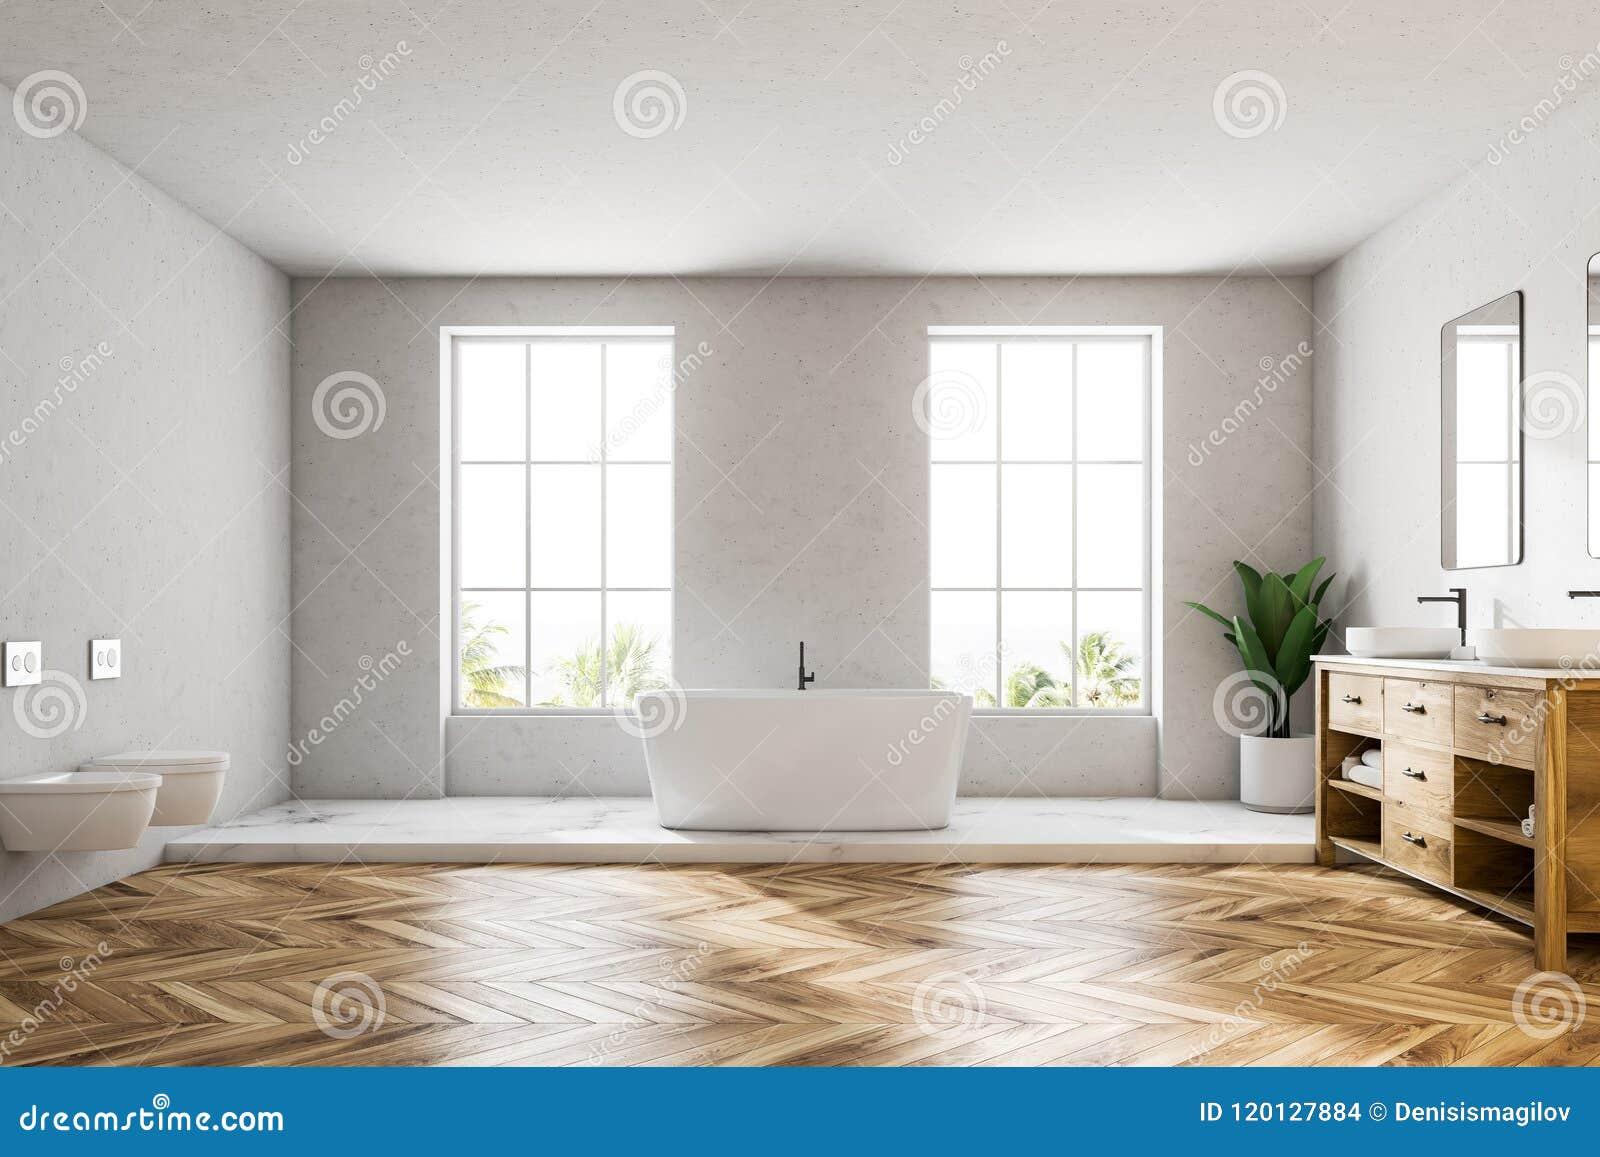 Ванная комната внутренняя, белый ушат просторной квартиры белая роскошная